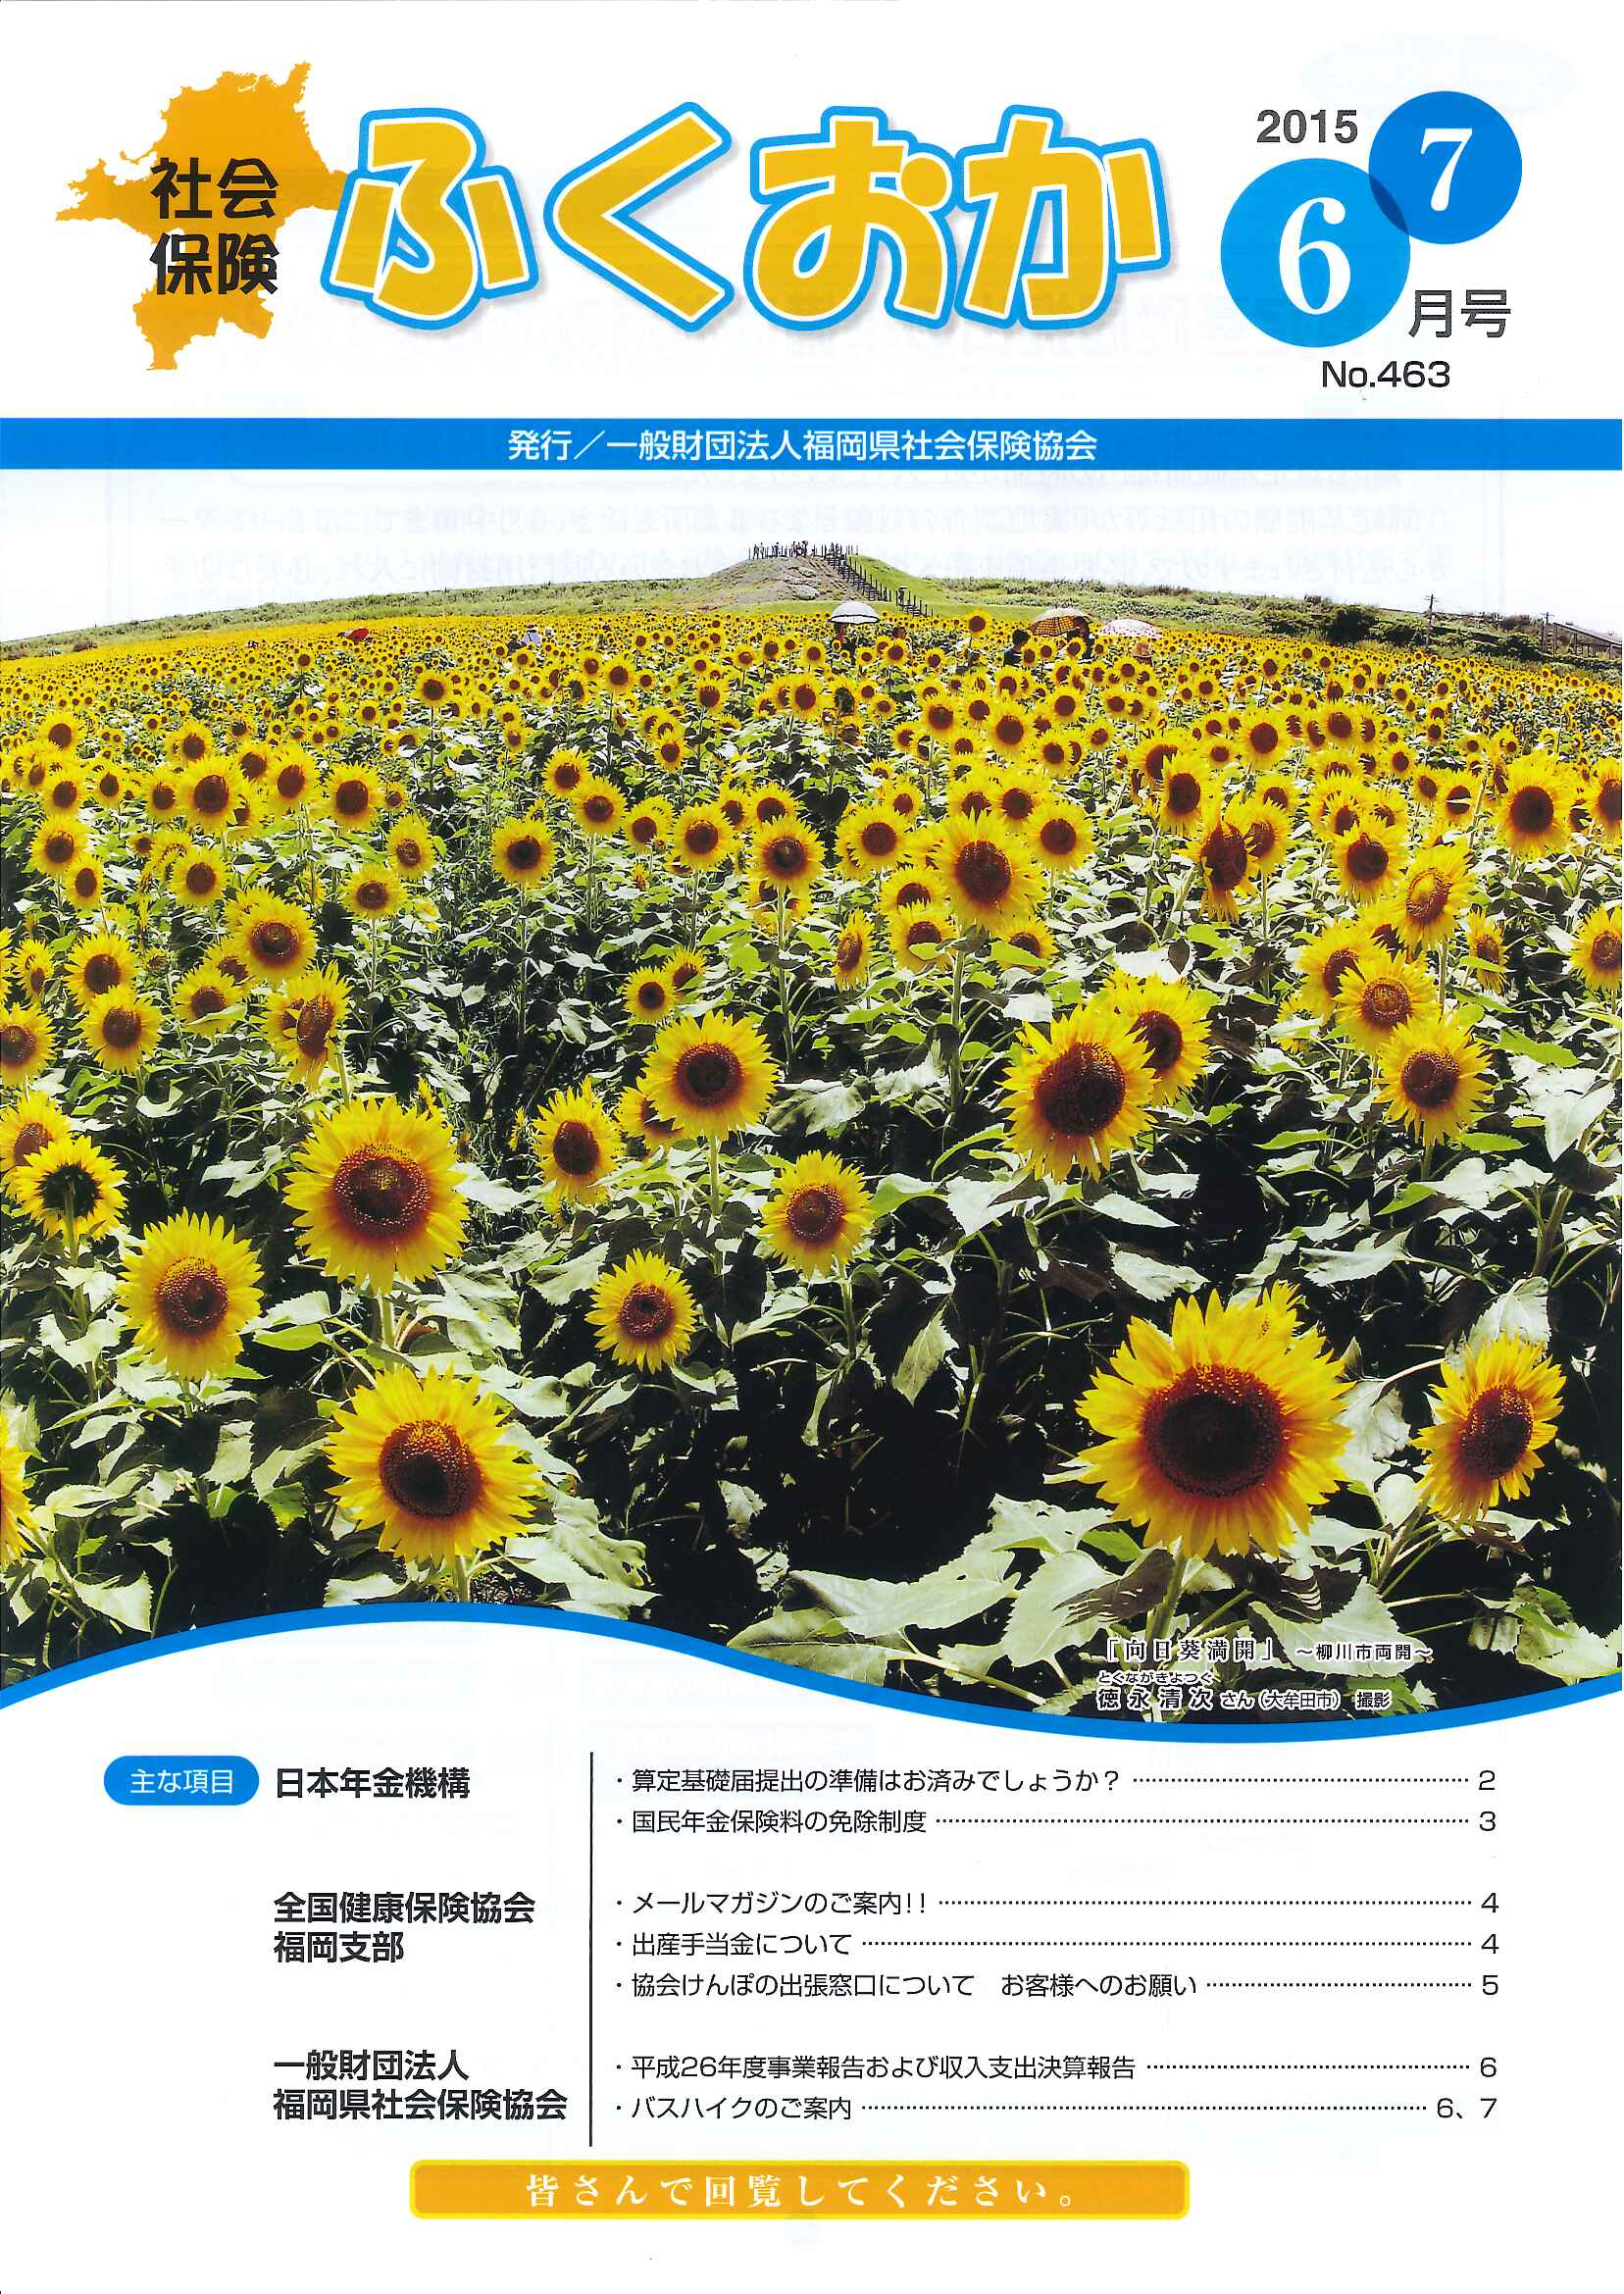 社会保険 ふくおか 2015年6・7月号_f0120774_1573110.jpg